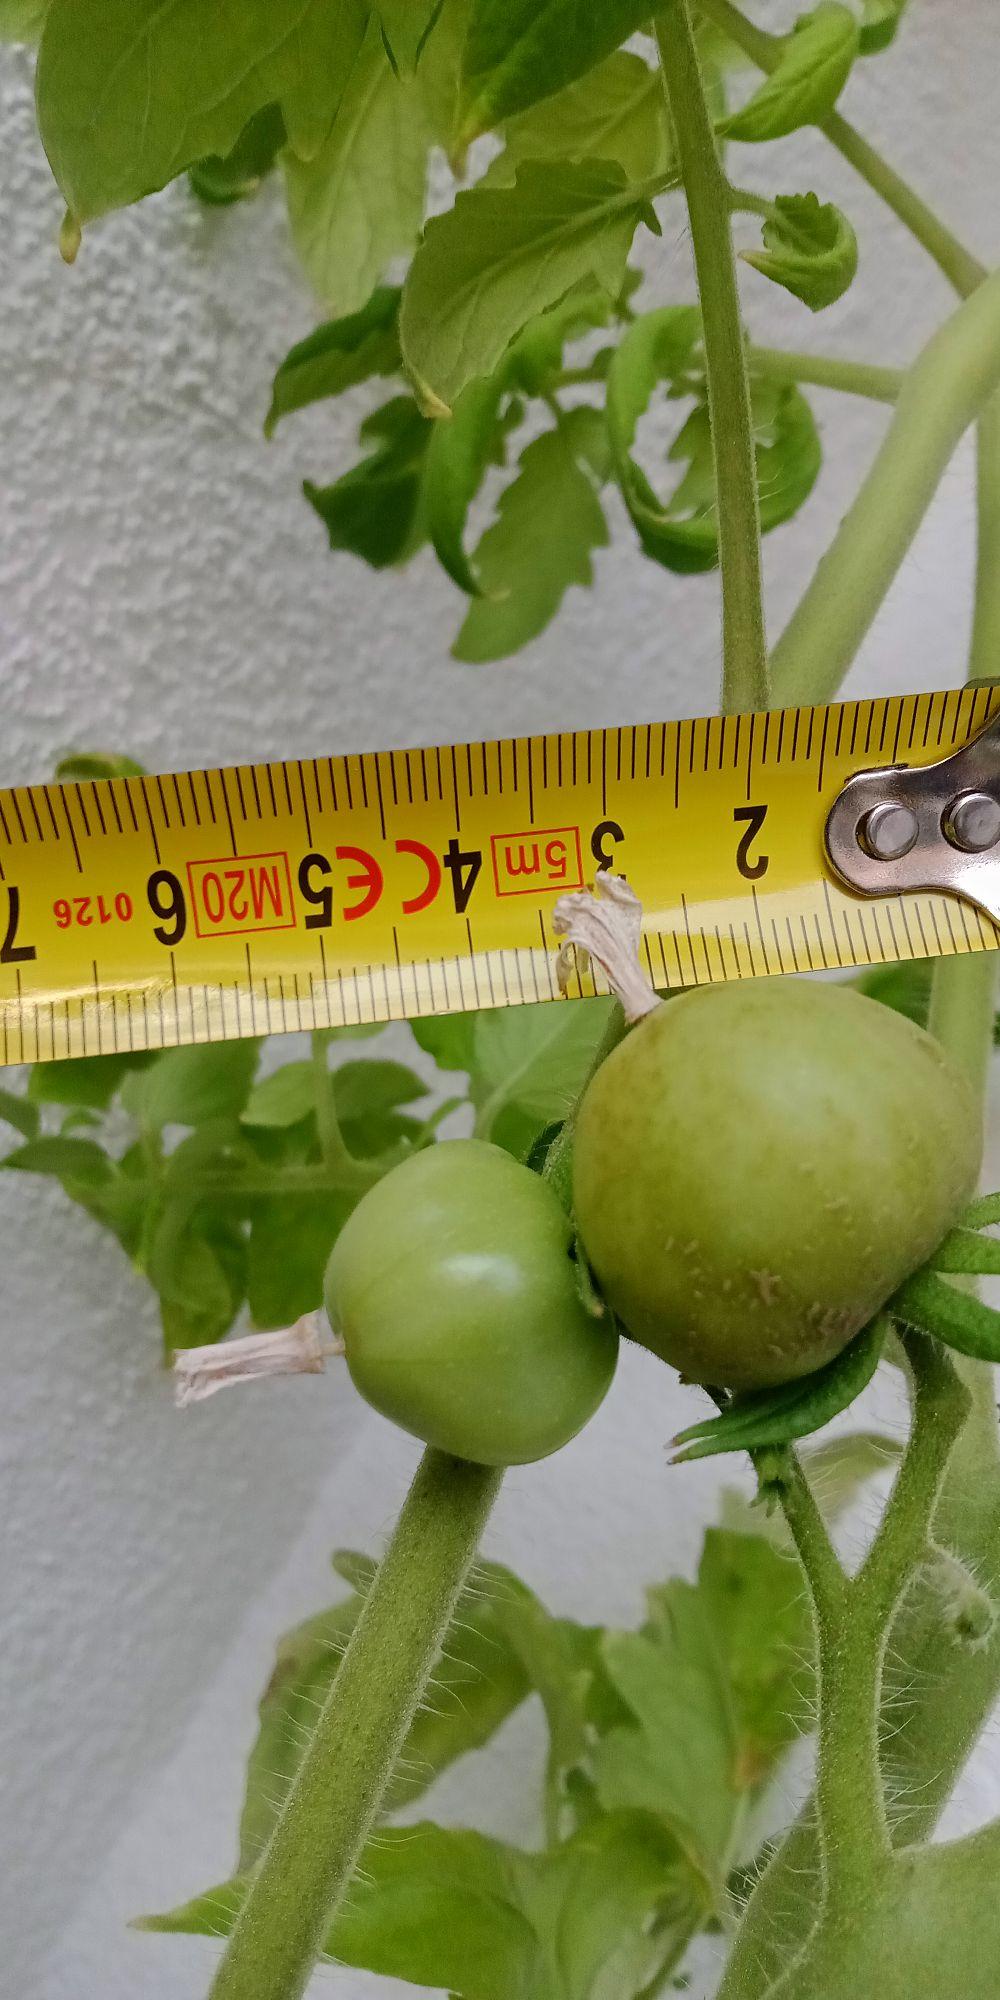 А вот урожай помидор на балконе как-то не задался :(